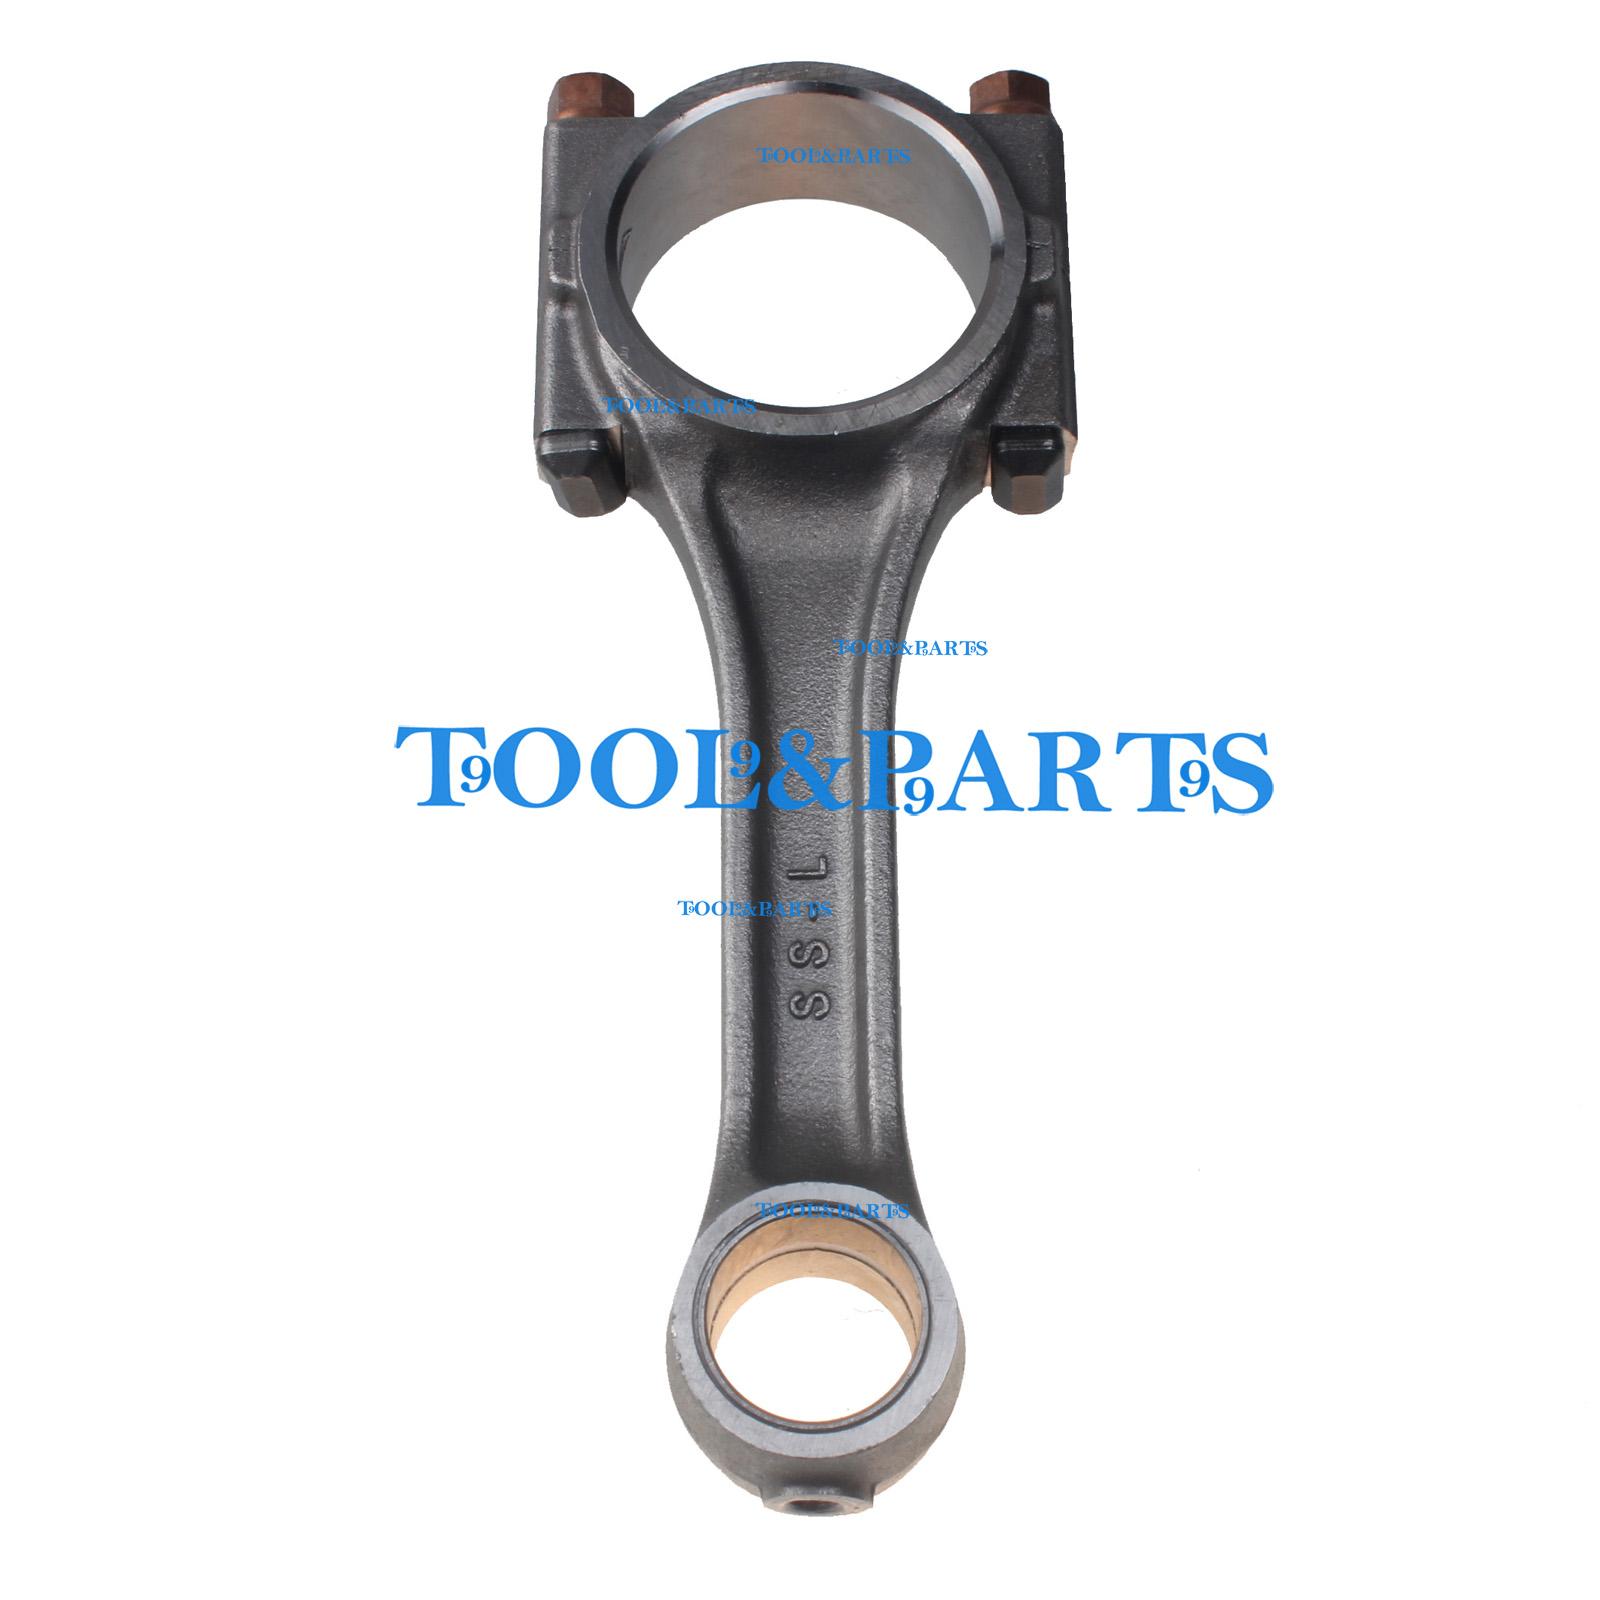 1 piece New Connecting Rod Kit for Kubota V1902 Engine Parts